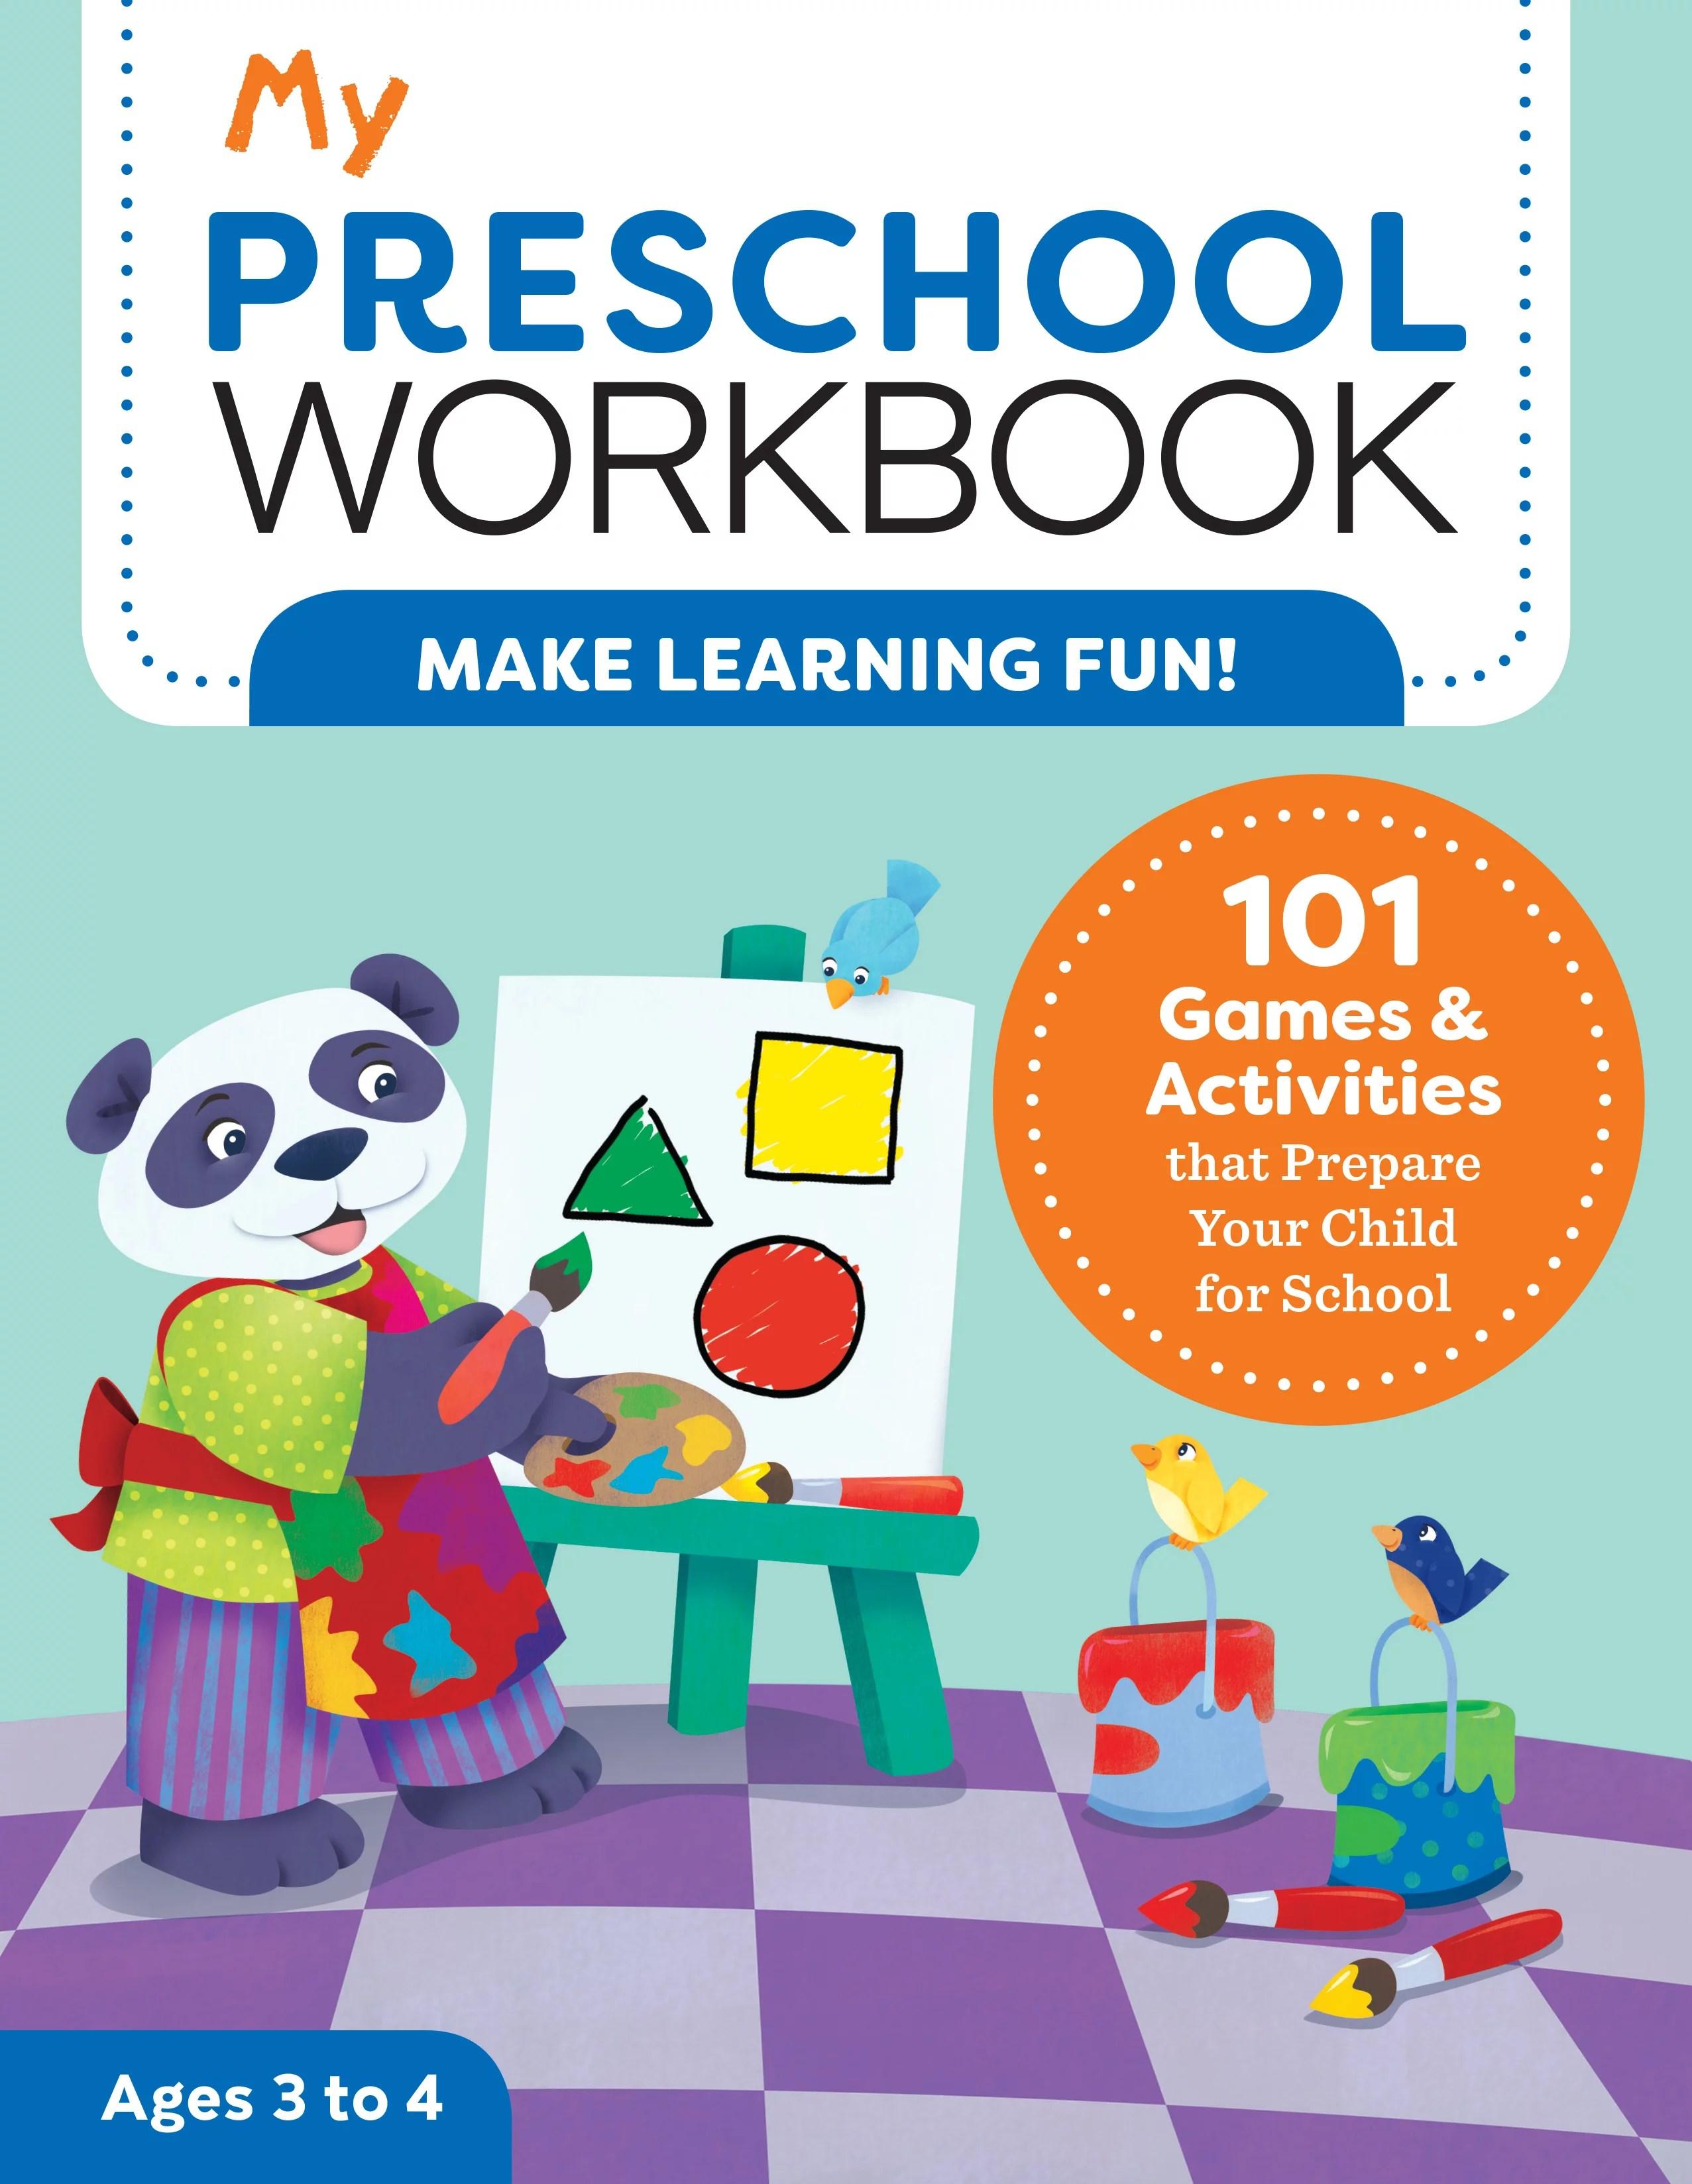 My Preschool Workbook 101 Games Amp Activities That Prepare